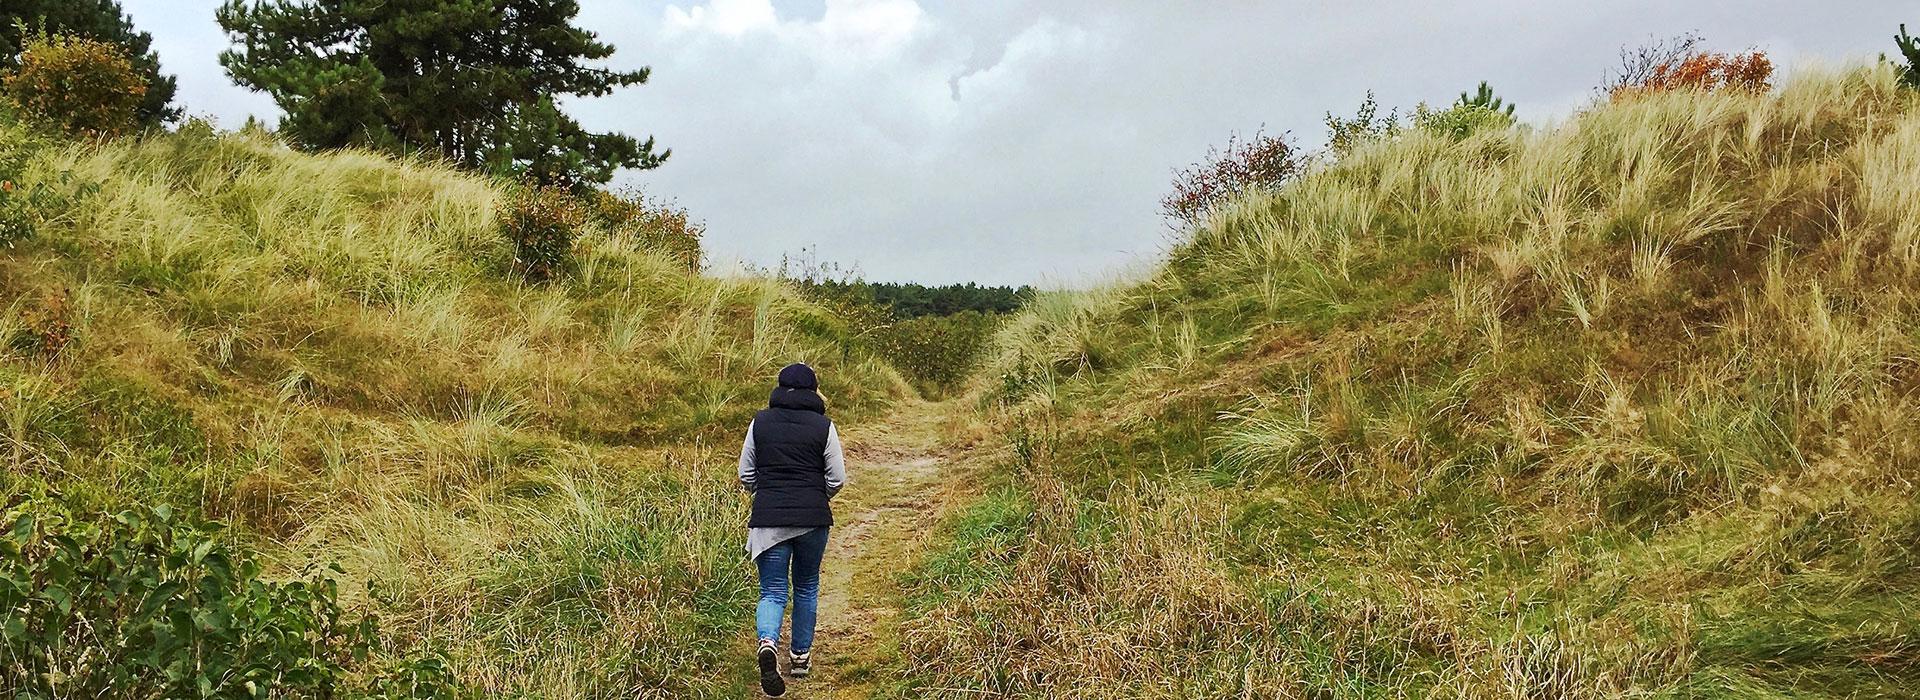 Ameland-bezoeken-vakantie-in-Friesland-Ljeppershiem-vakantiepark-duinen